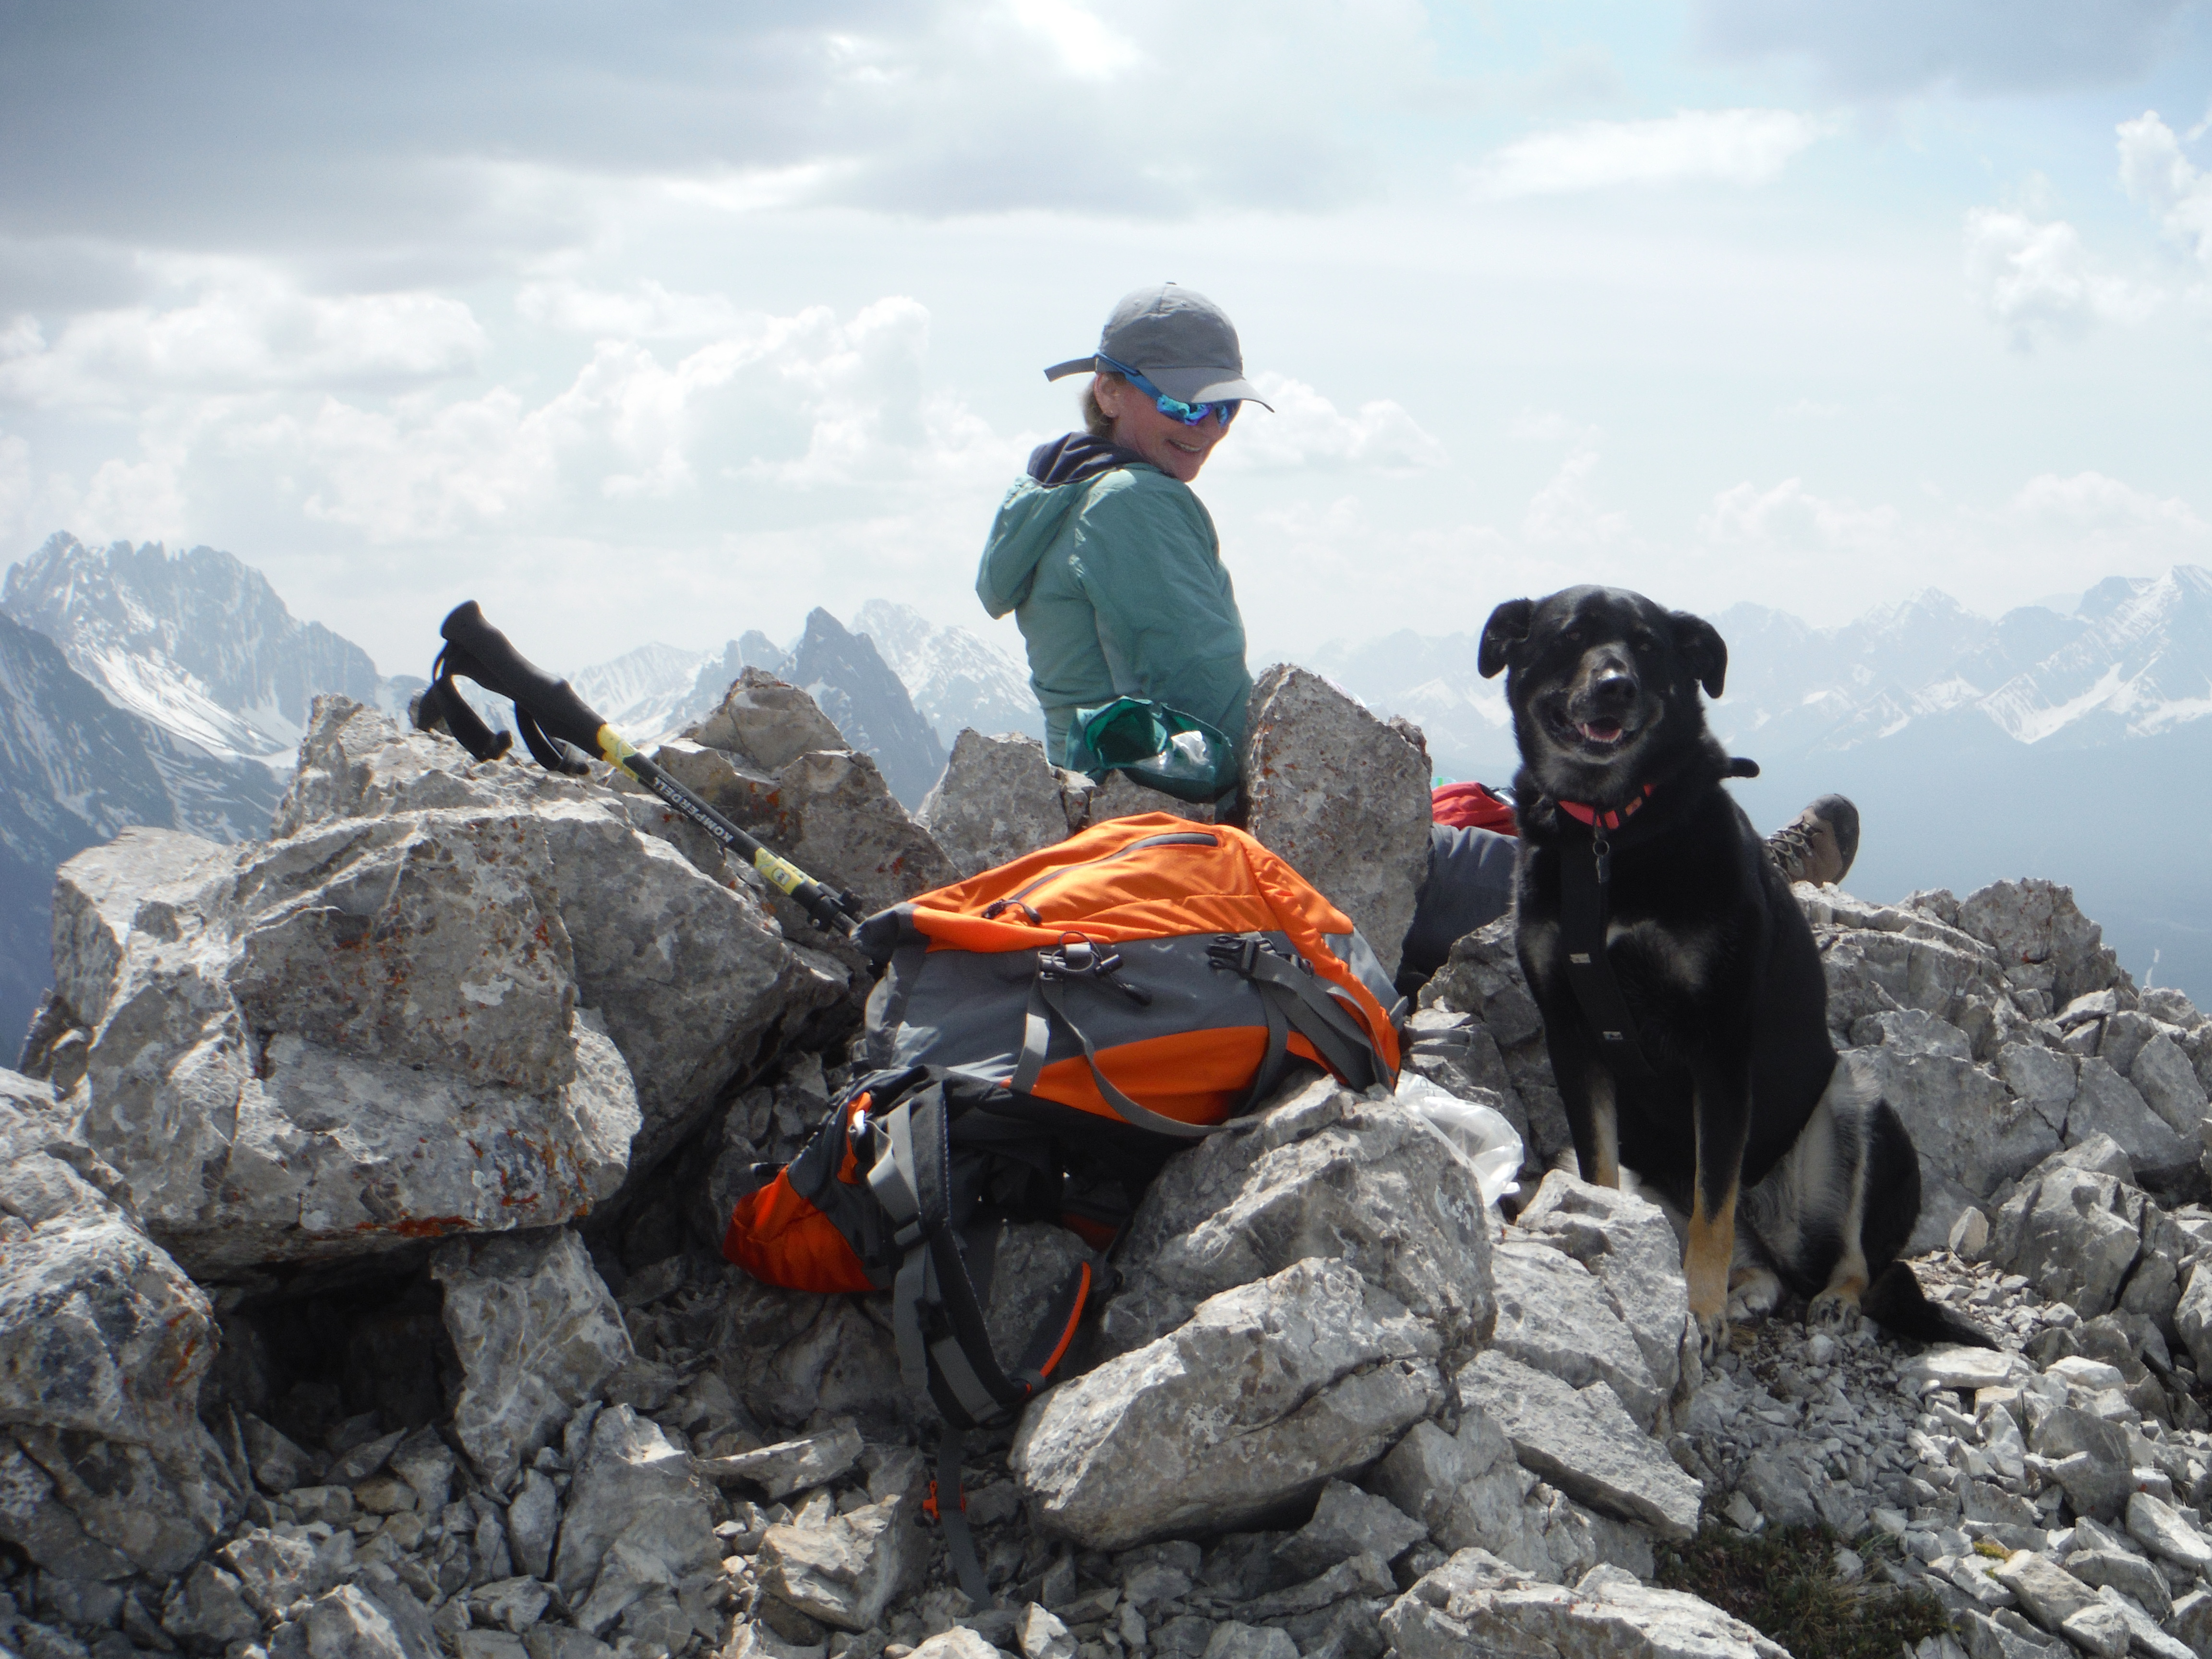 Kona Grizzly Peak Jun 2019